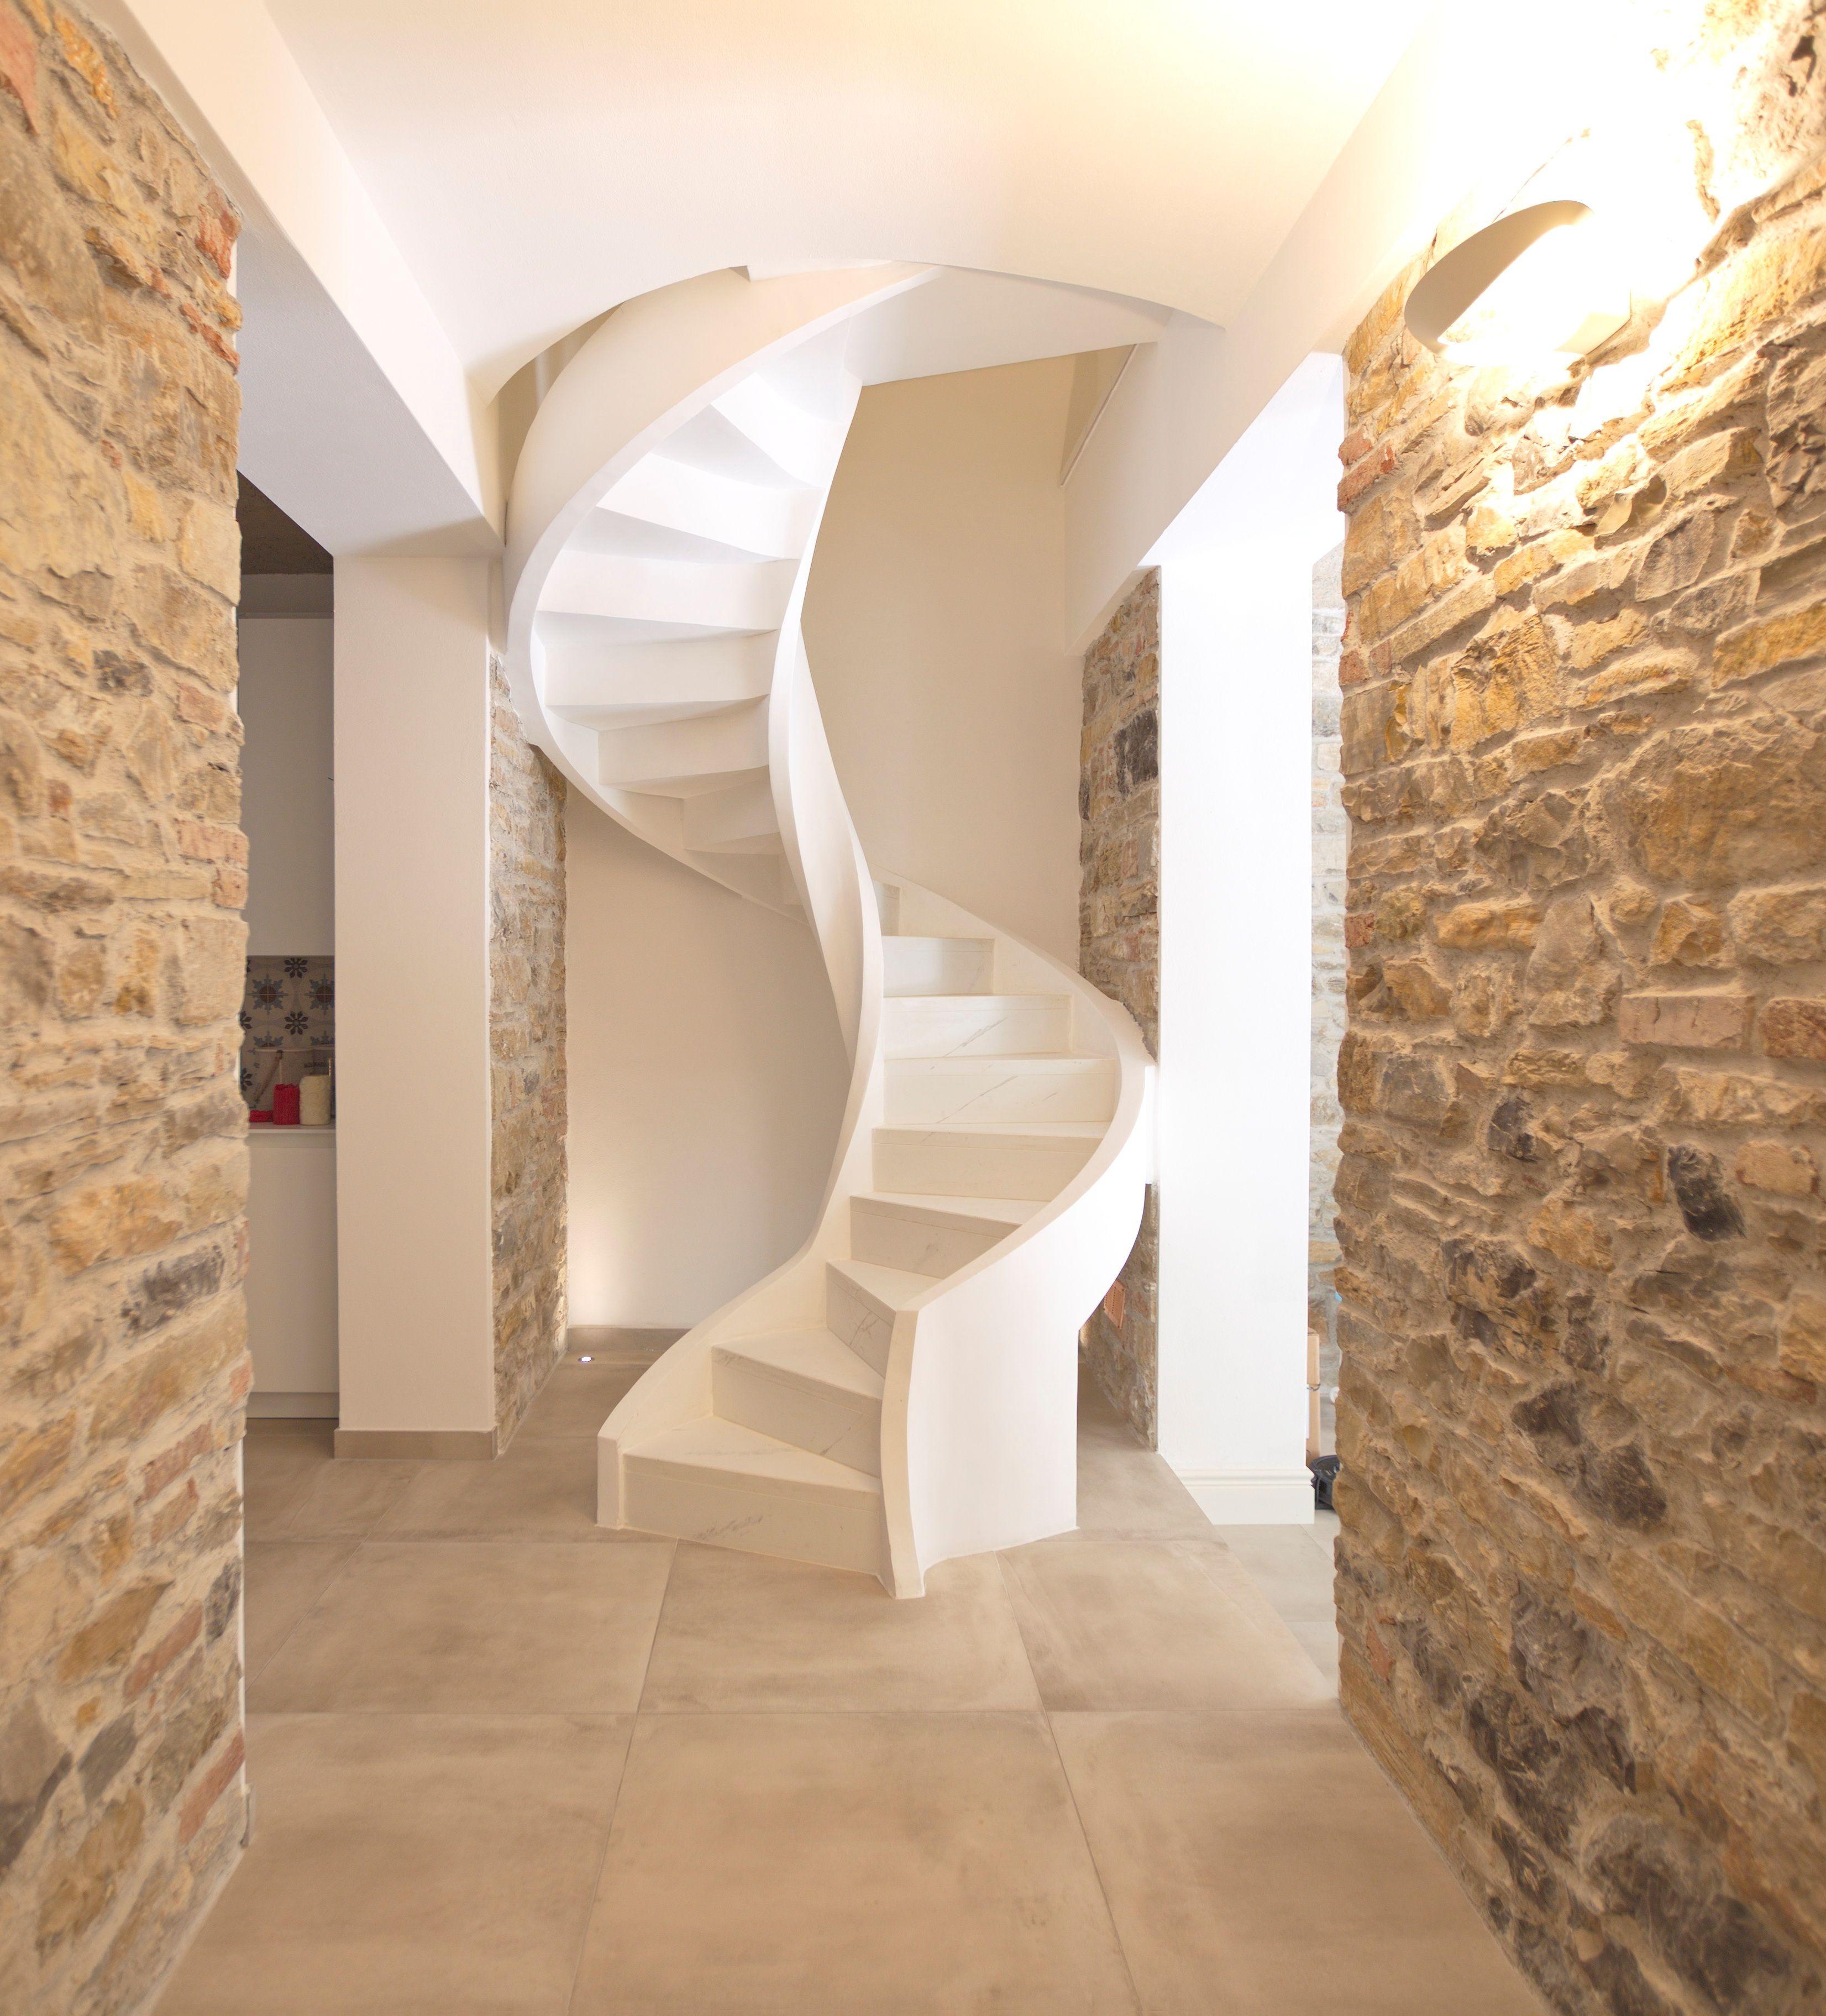 Escalier en colima on en b ton eli ca 13 - Escalier colimacon beton ...